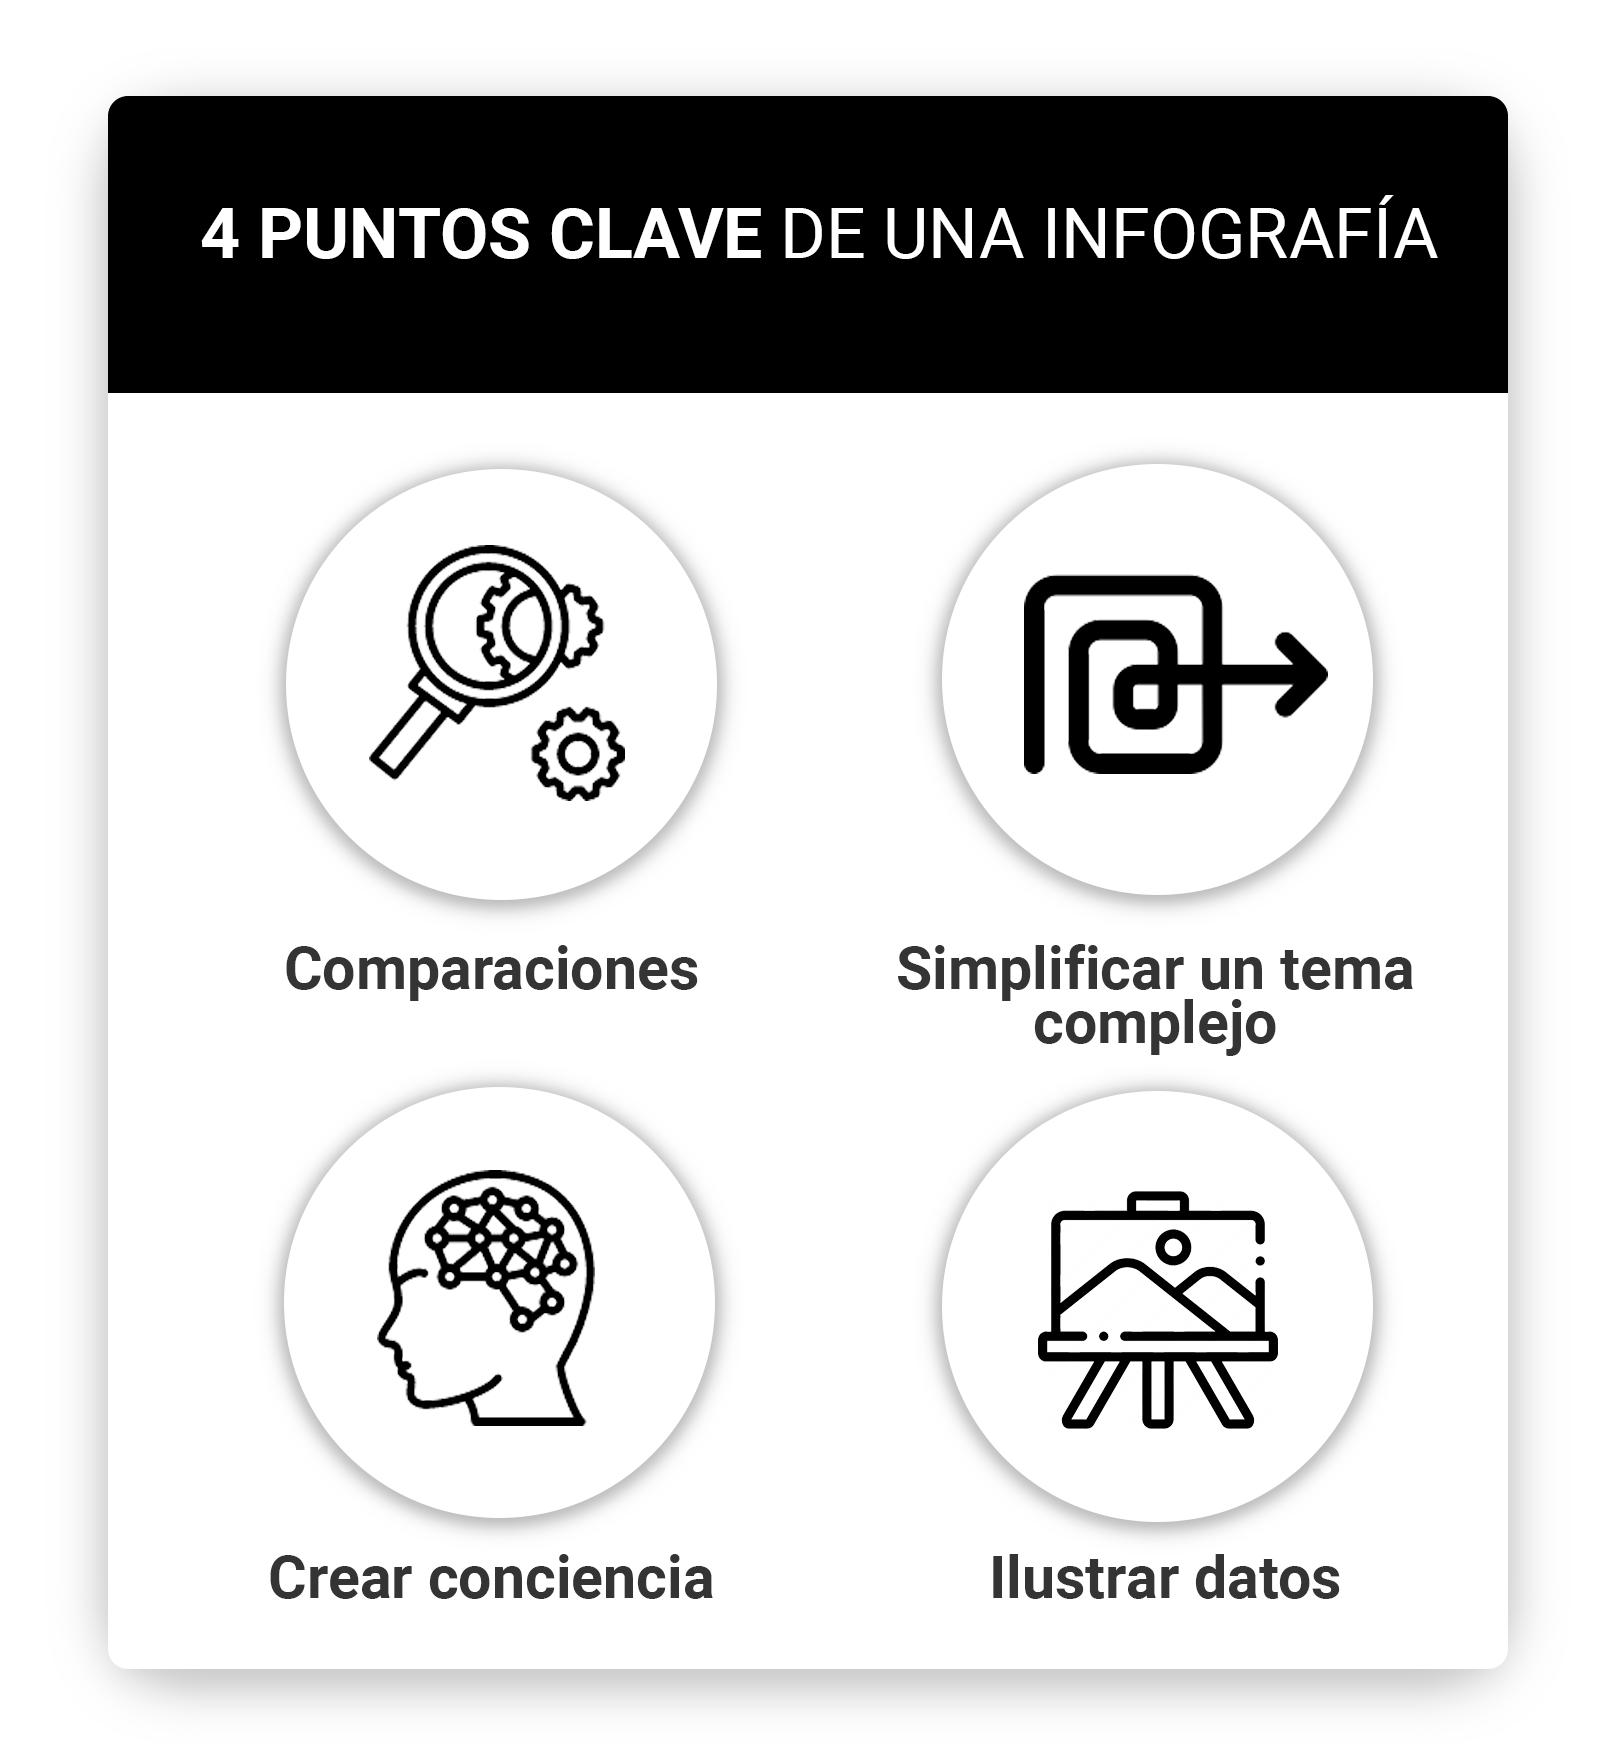 4-puntos-clave-para-una-infografia-1